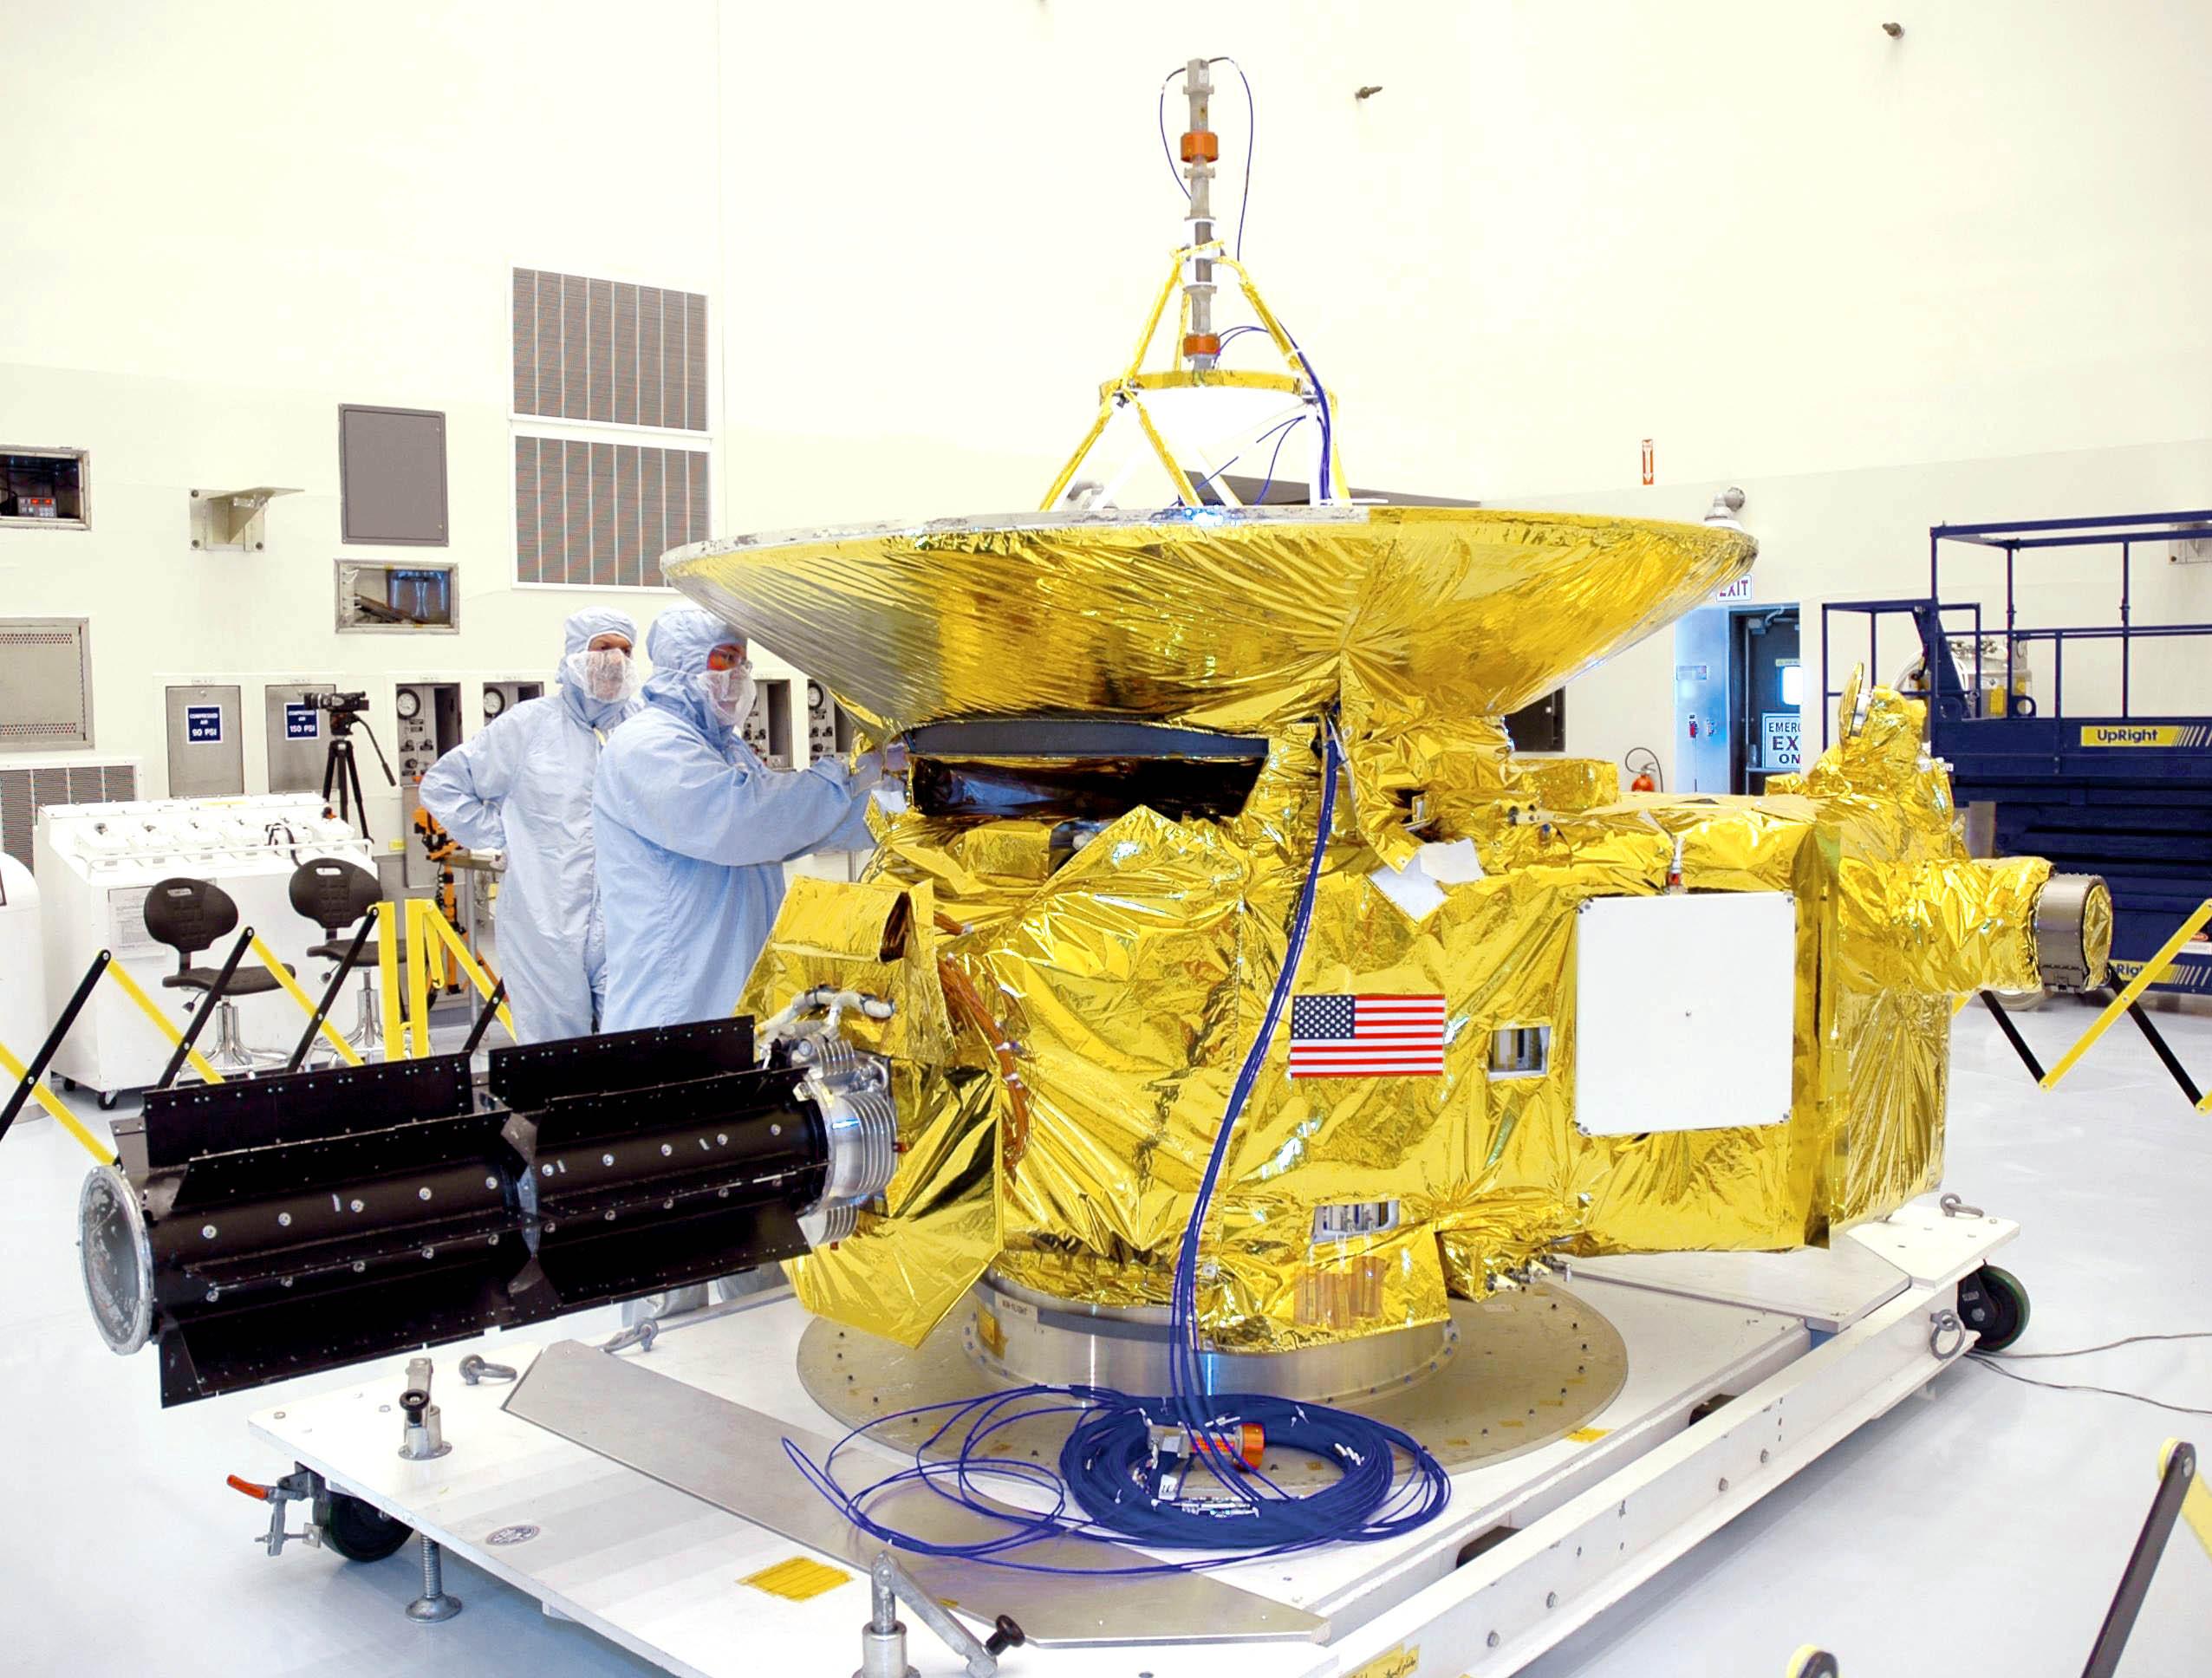 Planetární sonda New Horizons při stavbě v Laboratoři aplikované fyziky (APL) při Johns Hopkins University. Projekt financuje ředitelství vědeckých misí NASA. Předpokládané celkové náklady: 700 miliónů dolarů.  (Kredit: NASA)